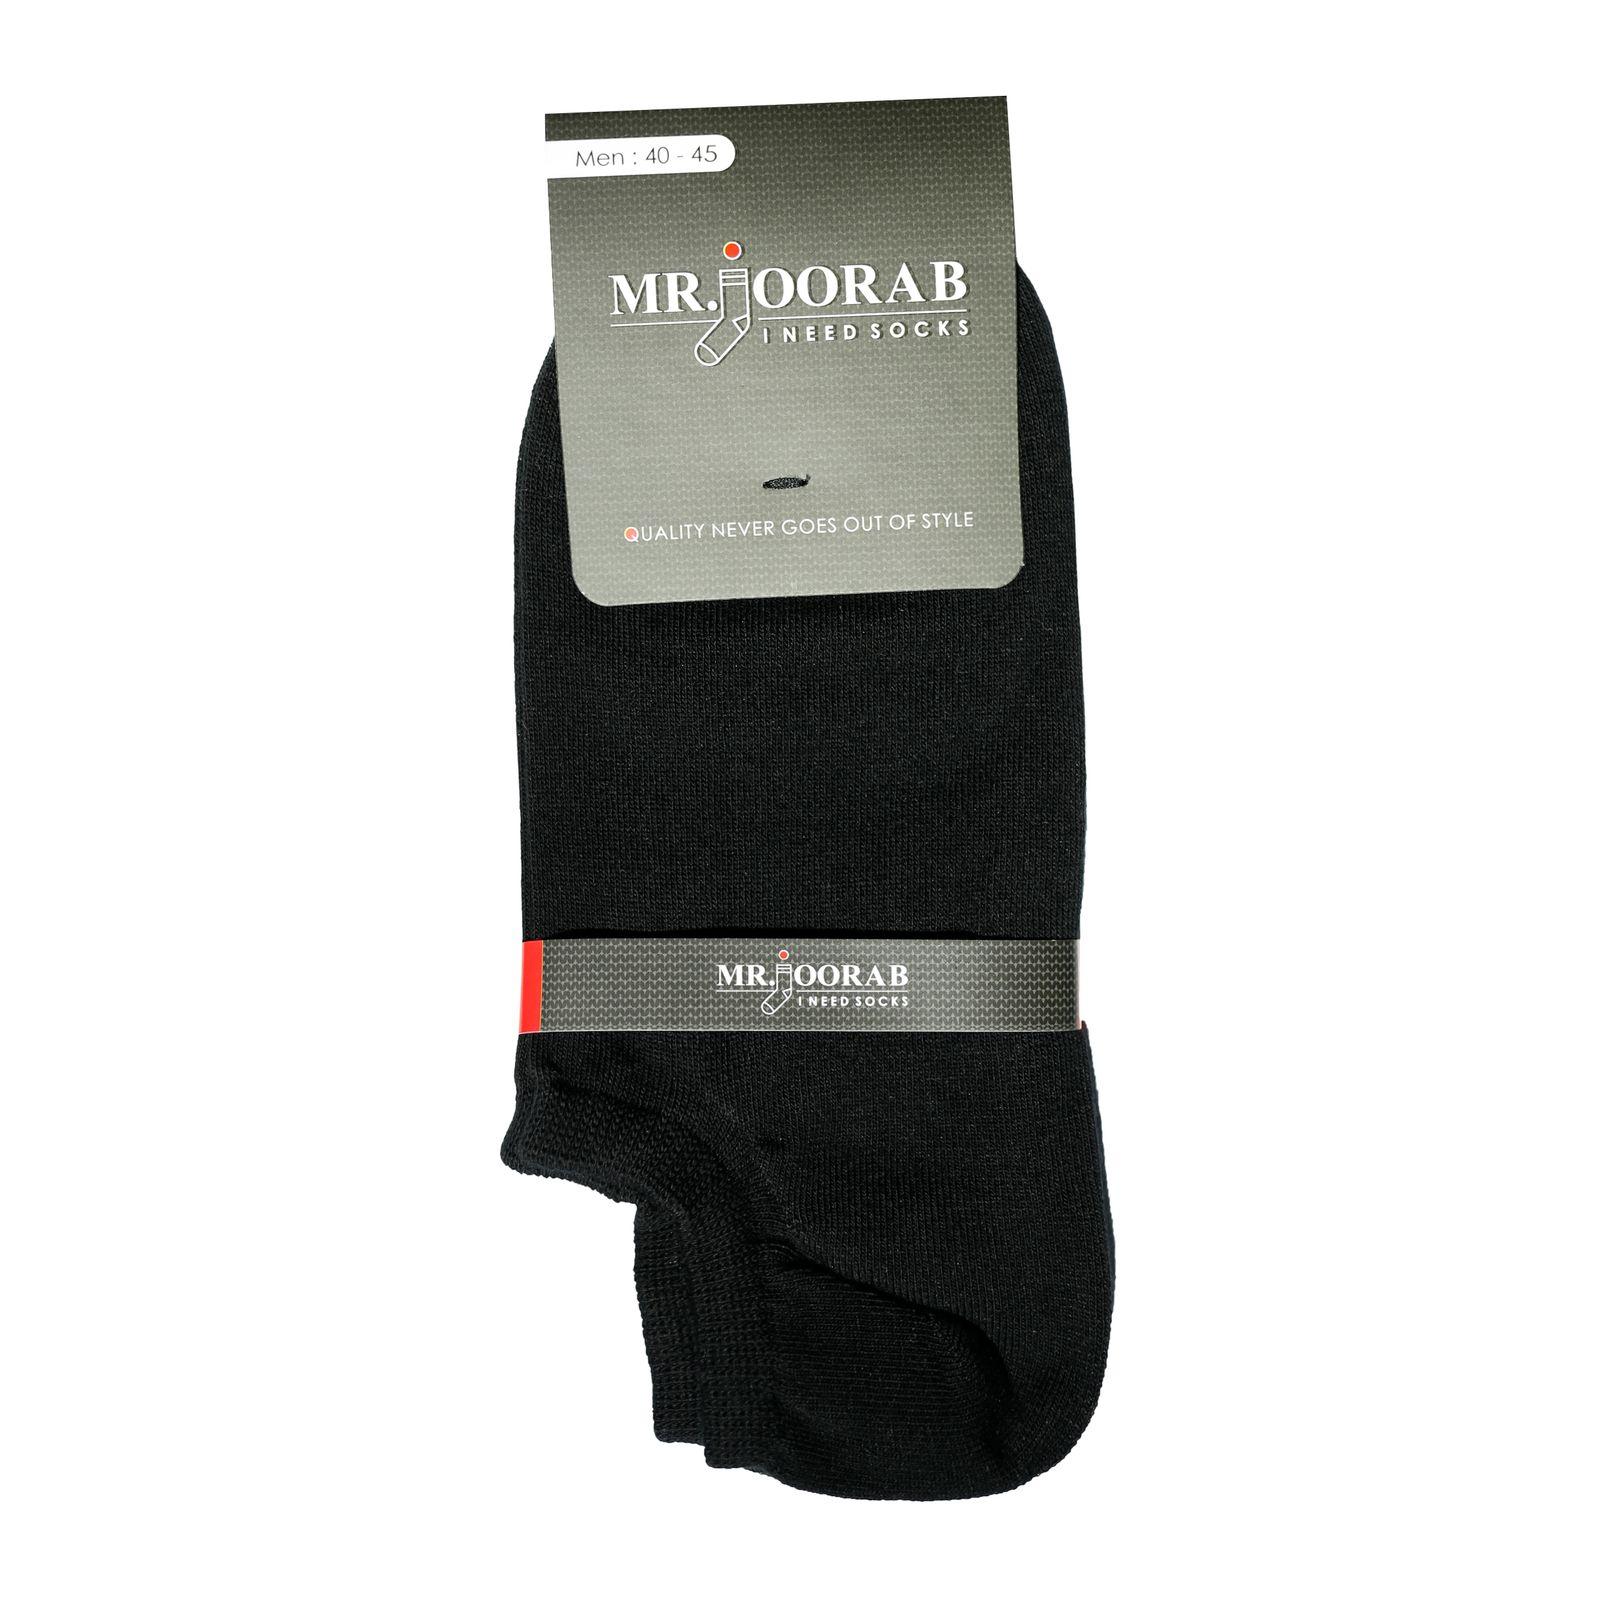 جوراب مردانه مستر جوراب کد BL-MRM 103 بسته 3 عددی -  - 3